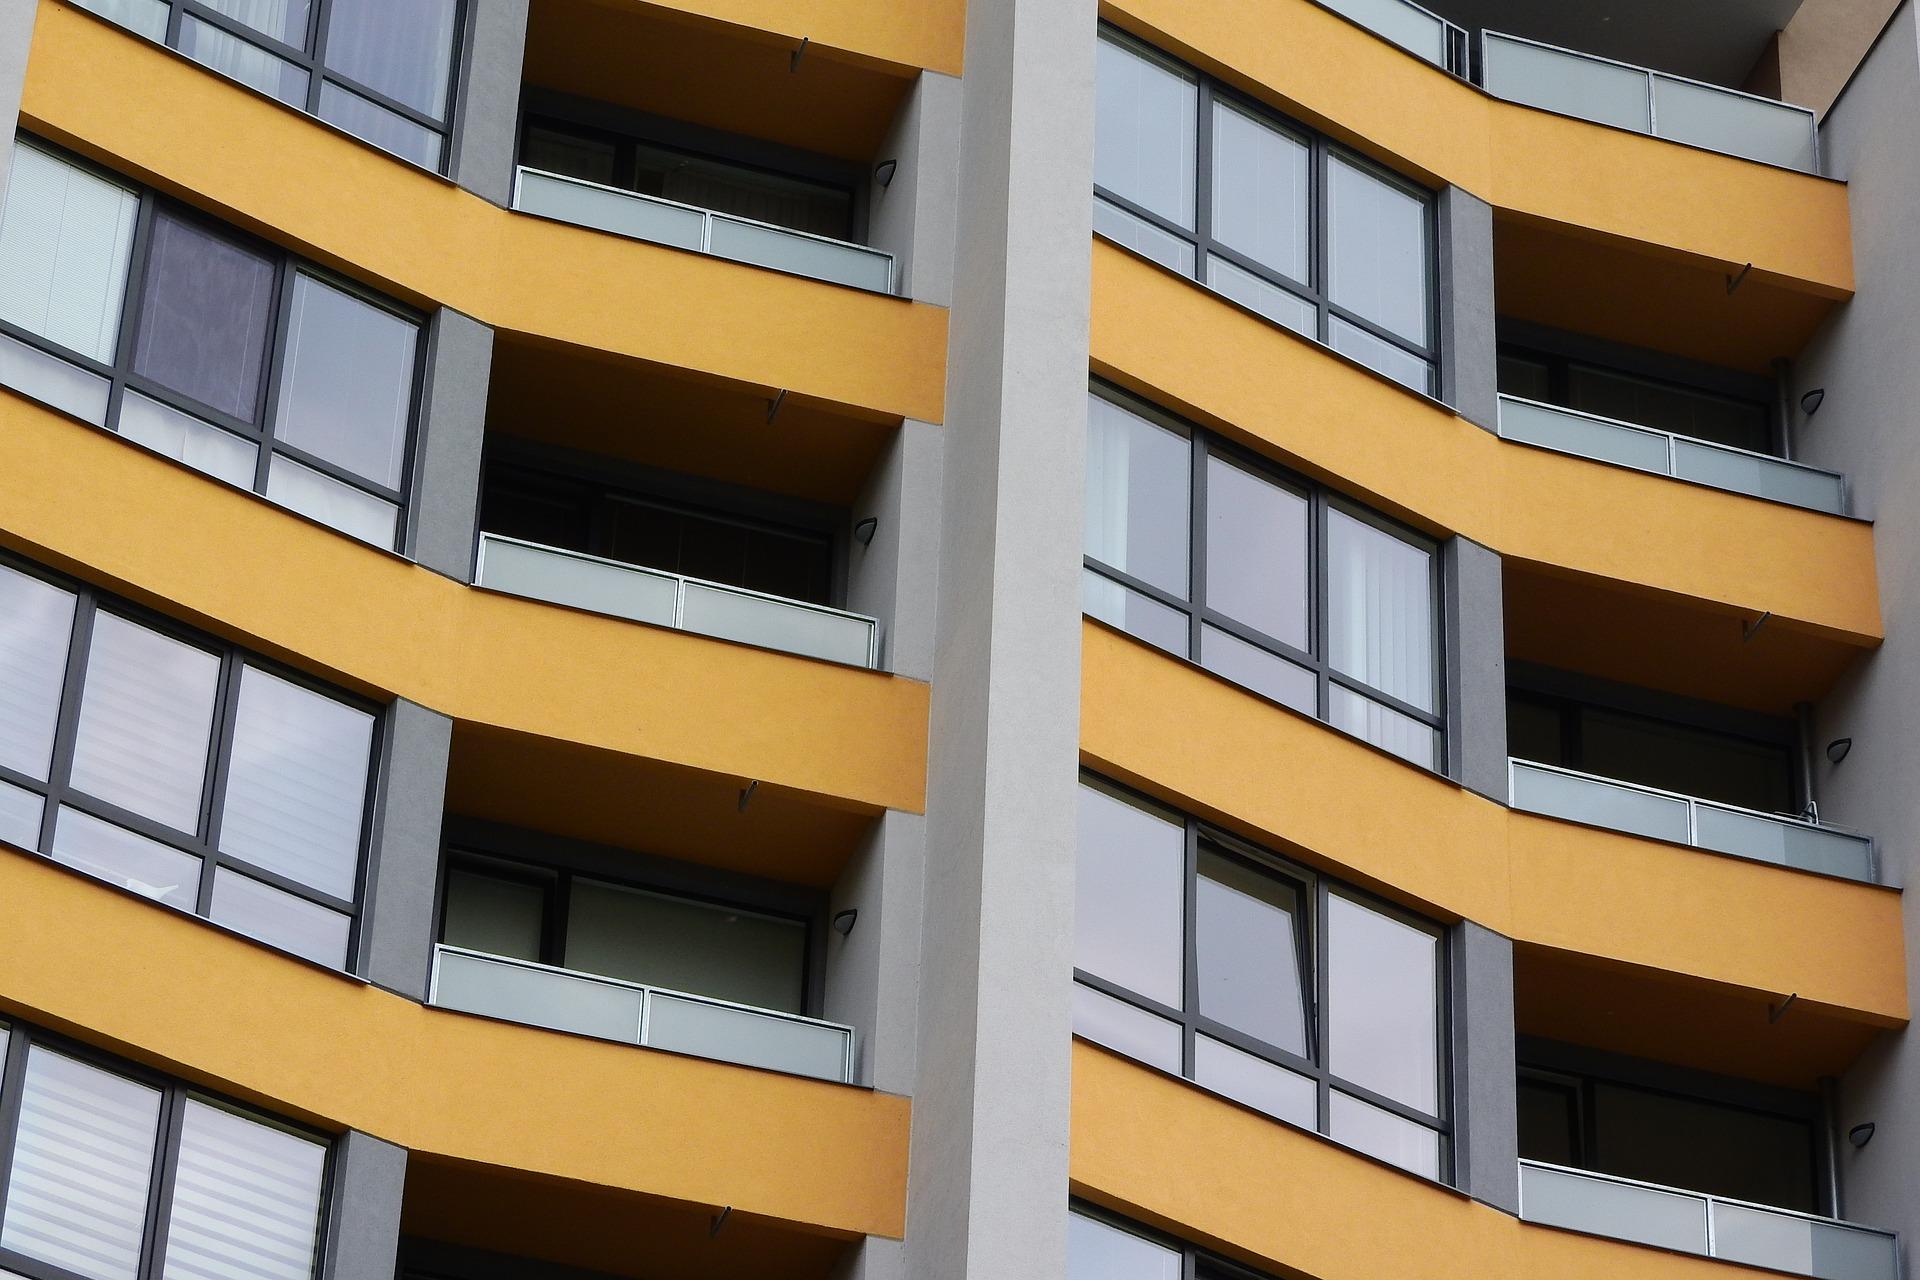 10 rzeczy, na które zwrócić uwagę przy kupnie mieszkania z rynku wtórnego